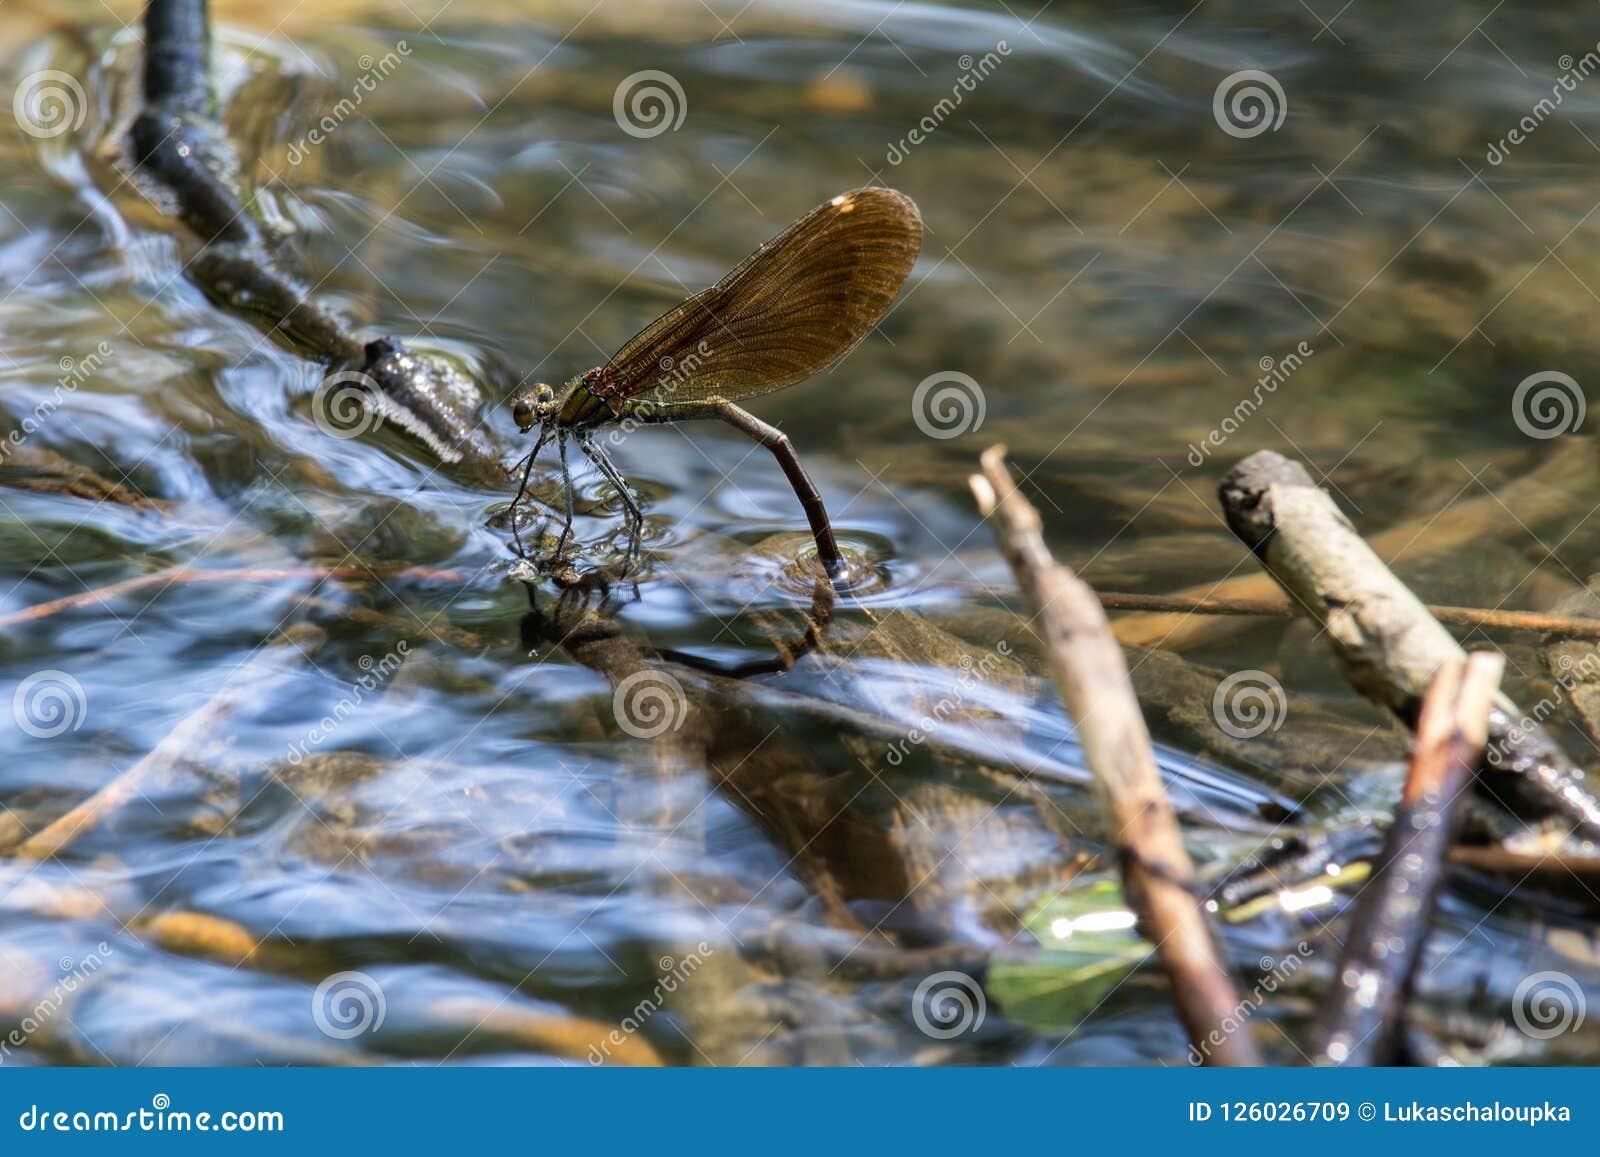 La libellule pondent des oeufs sous l eau, se ferment vers le haut de la photo